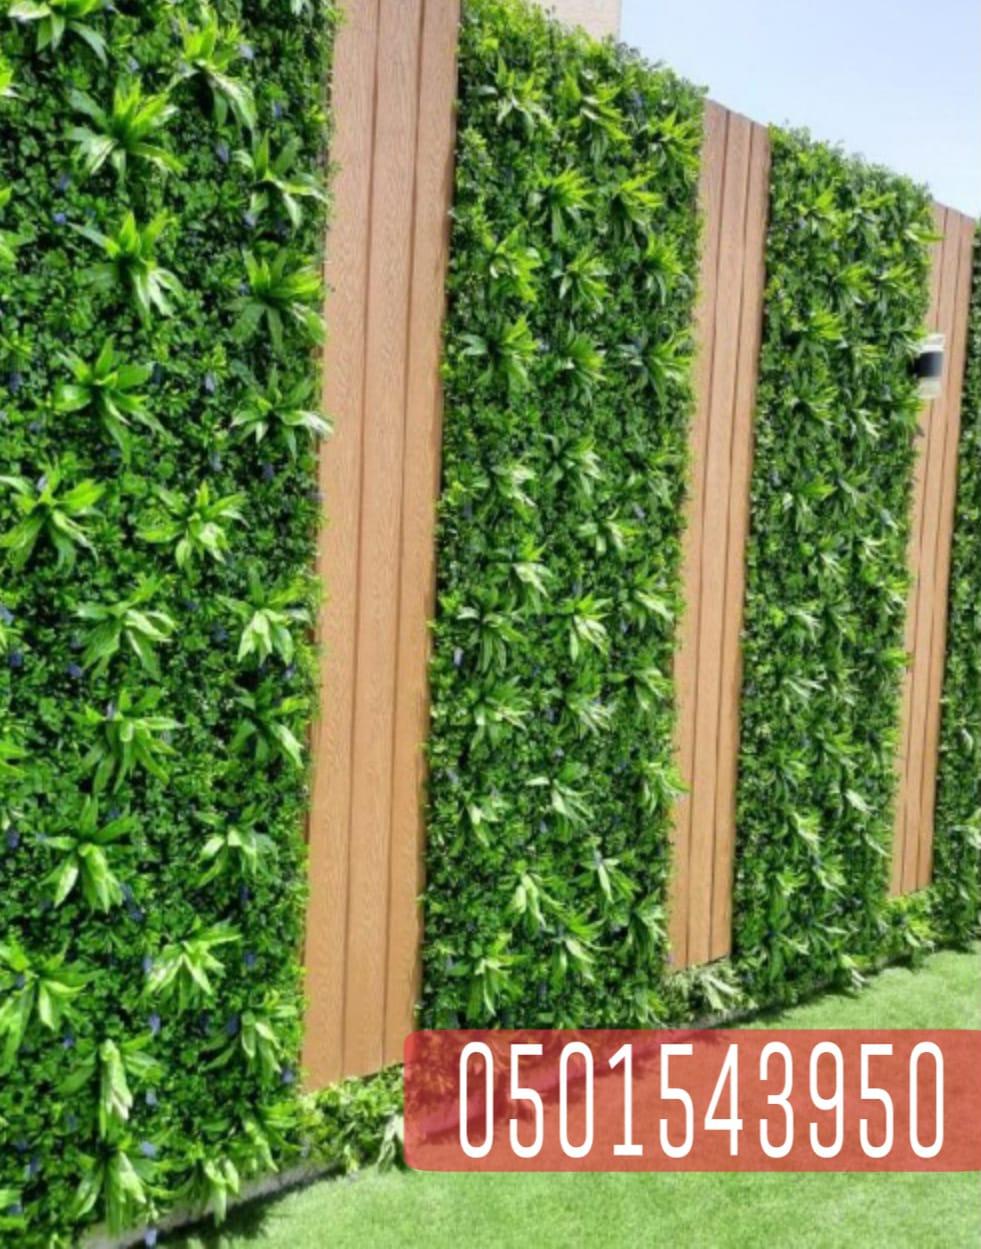 تصميم برجولات وتنسيق حدائق في مكة و جدة , 0501543950 P_2078xwpew3